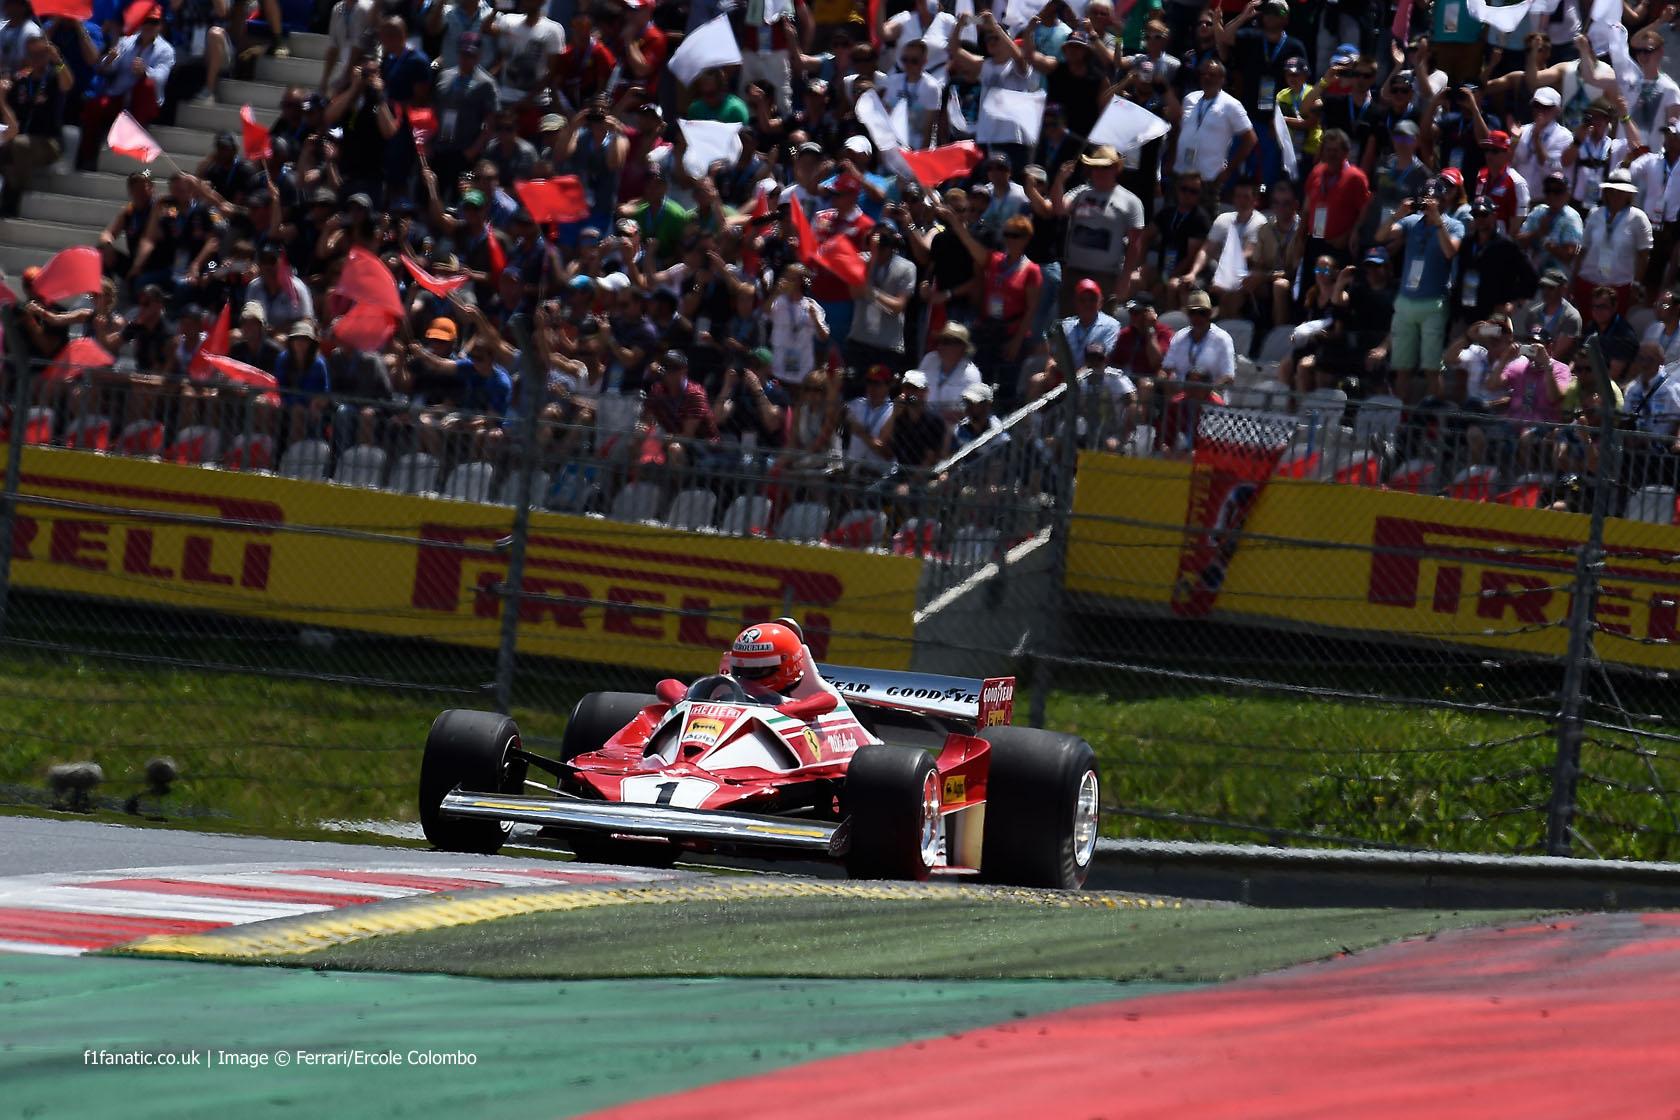 Niki Lauda, Ferrari, Red Bull Ring, 2014